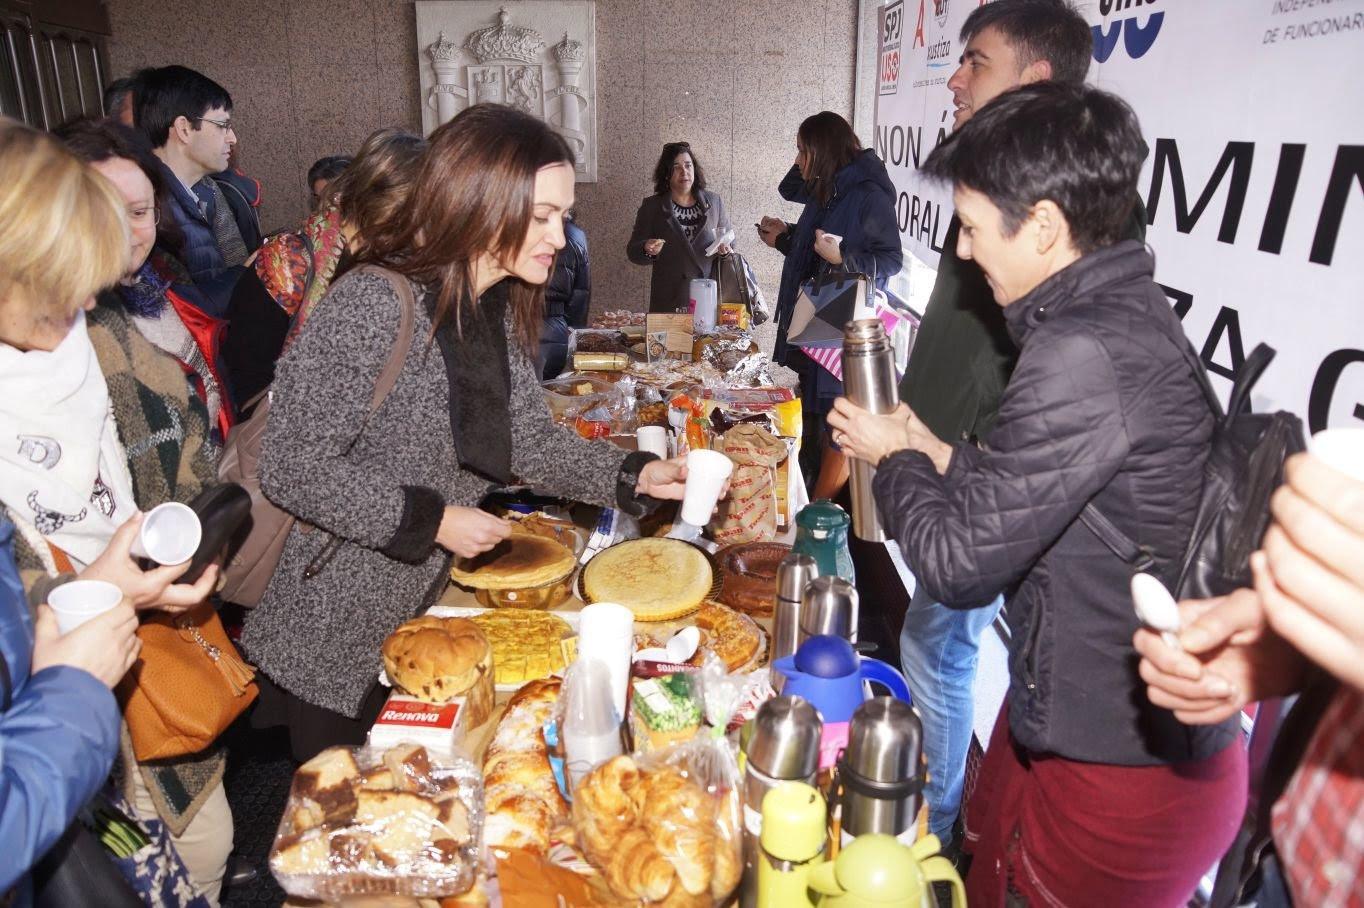 Desayuno solidario en los juzgados de Vigo. // Vicente Alonso